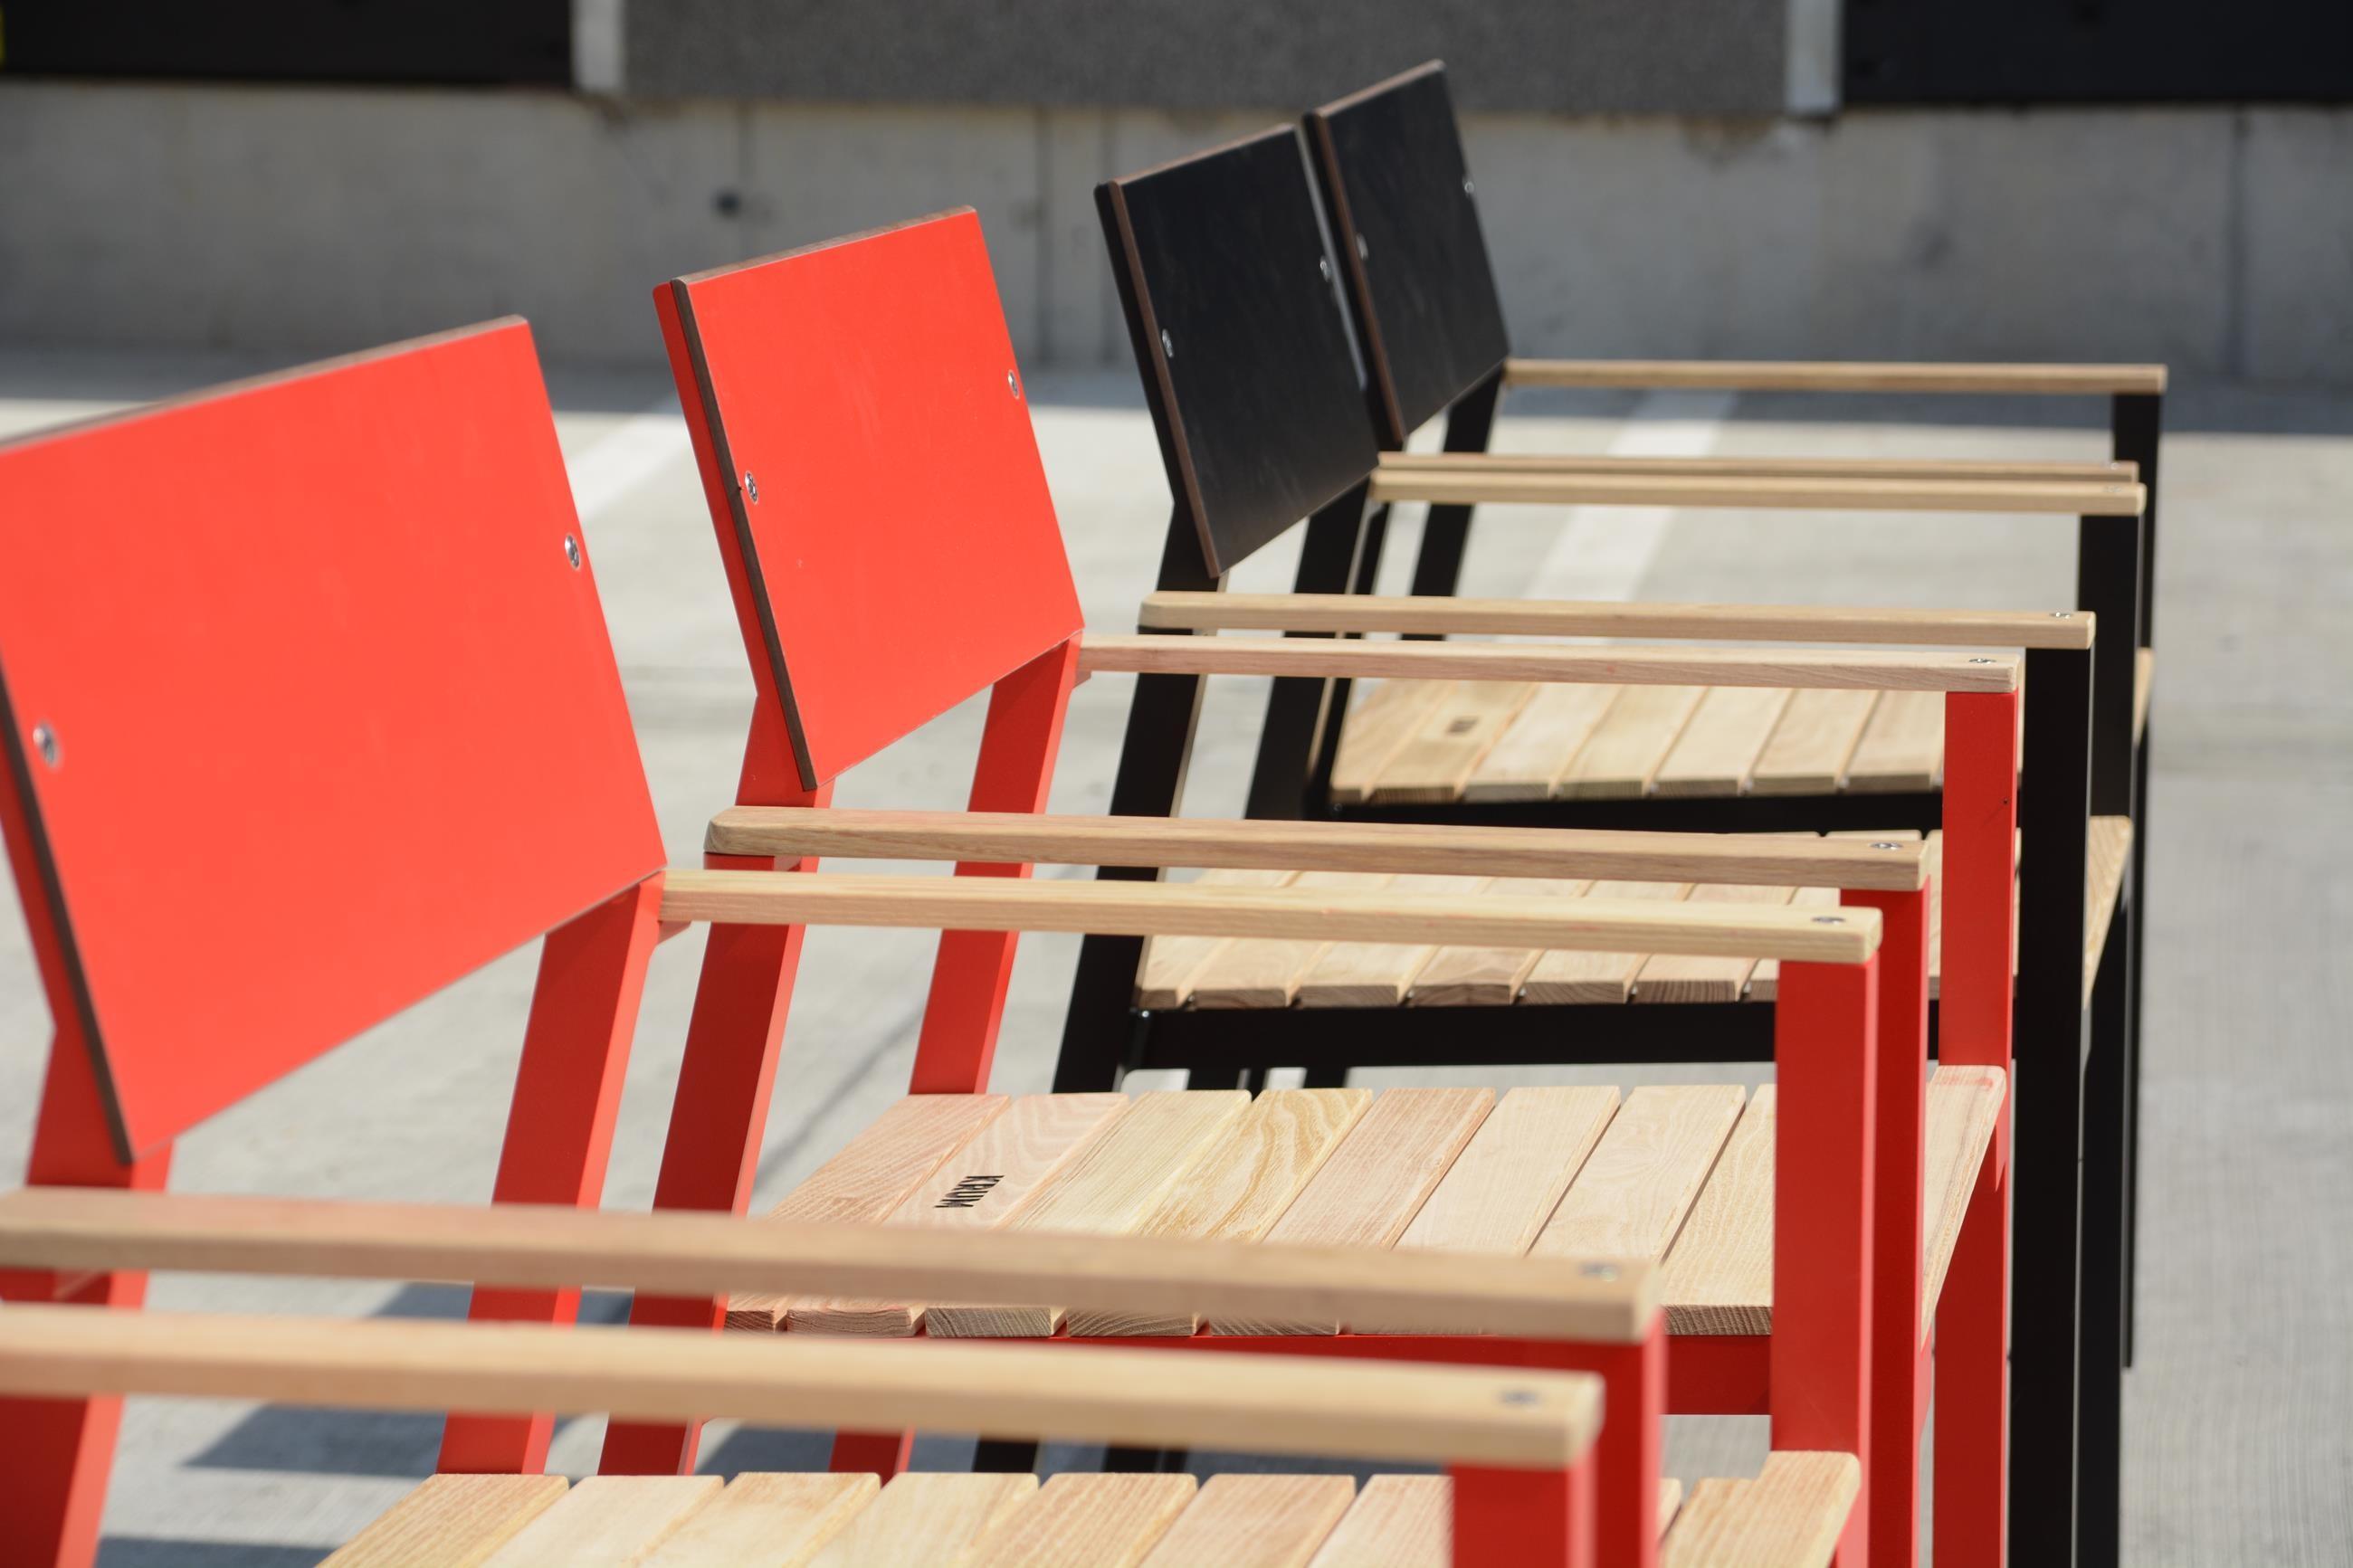 chaise de jardin design avec accoudoirs cora en aluminium de couleur assise en bois massif dossier en hpl seanroyale